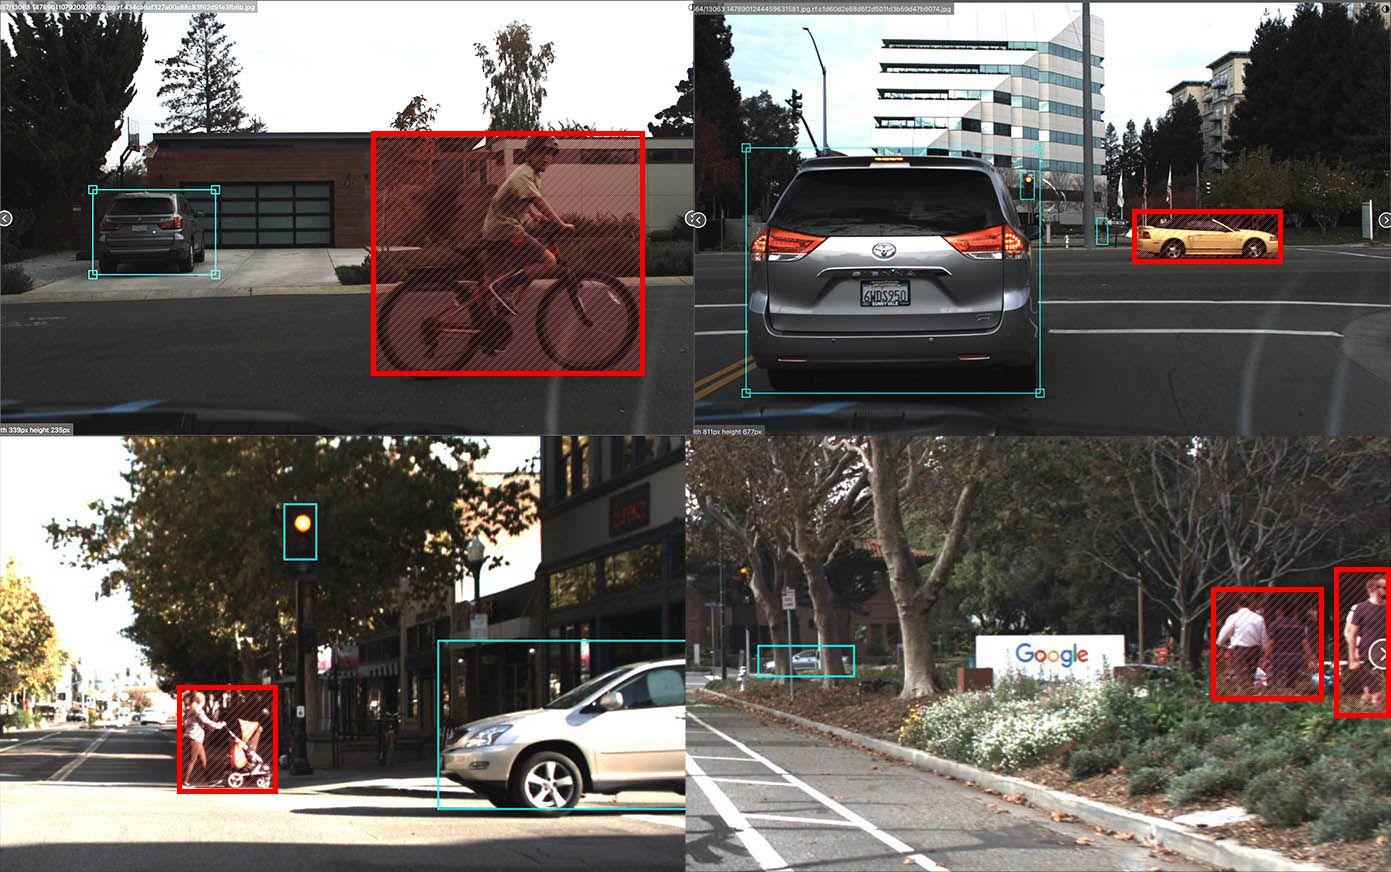 https://blog.roboflow.ai/self-driving-car-dataset-missing-pedestrians/